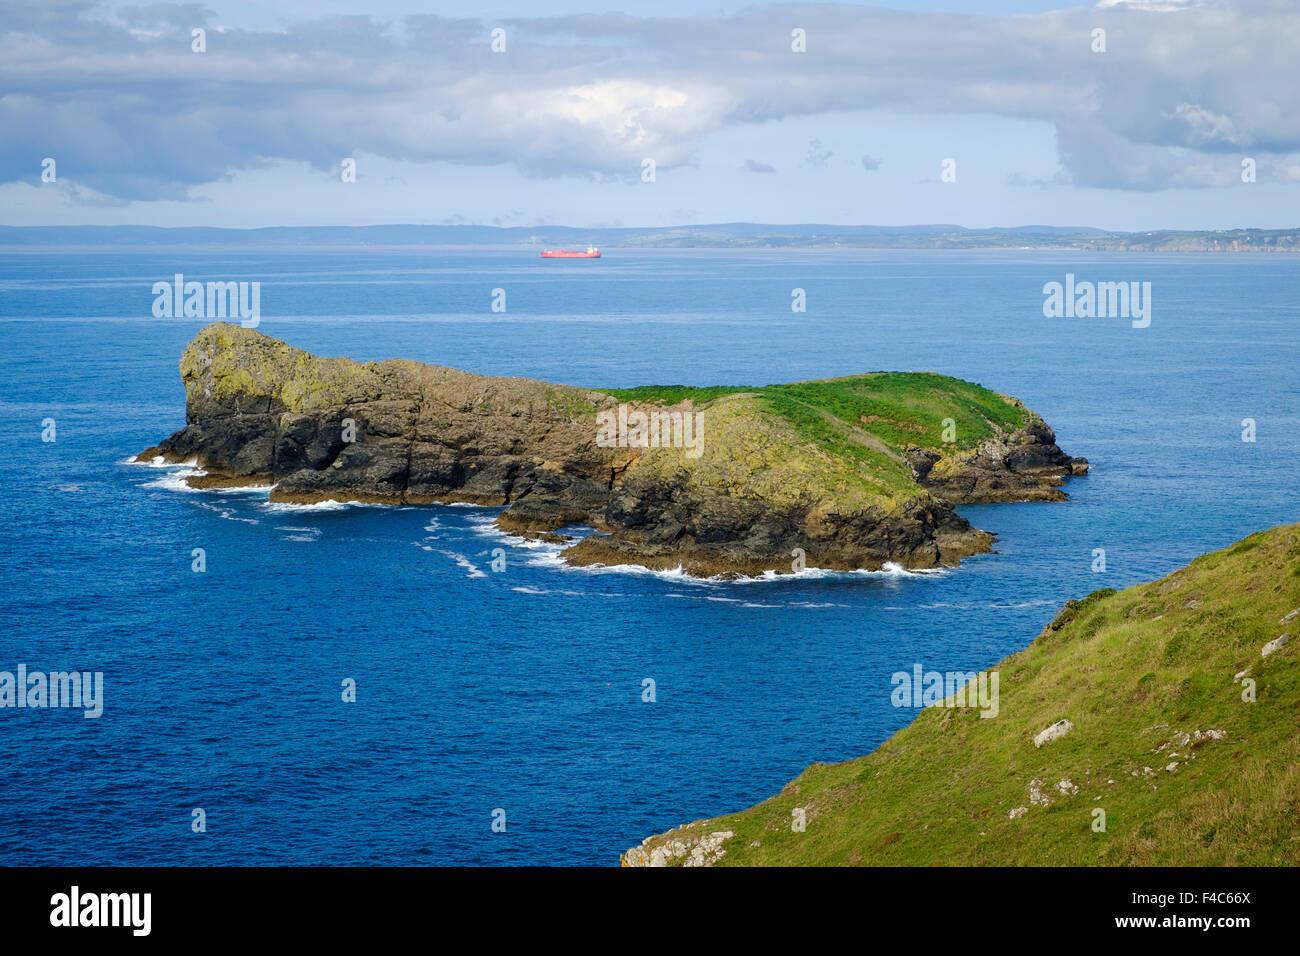 Meneau Island, le sanctuaire des oiseaux, meneau, Cornwall, Angleterre, Royaume-Uni - de la South West Coast Path Photo Stock